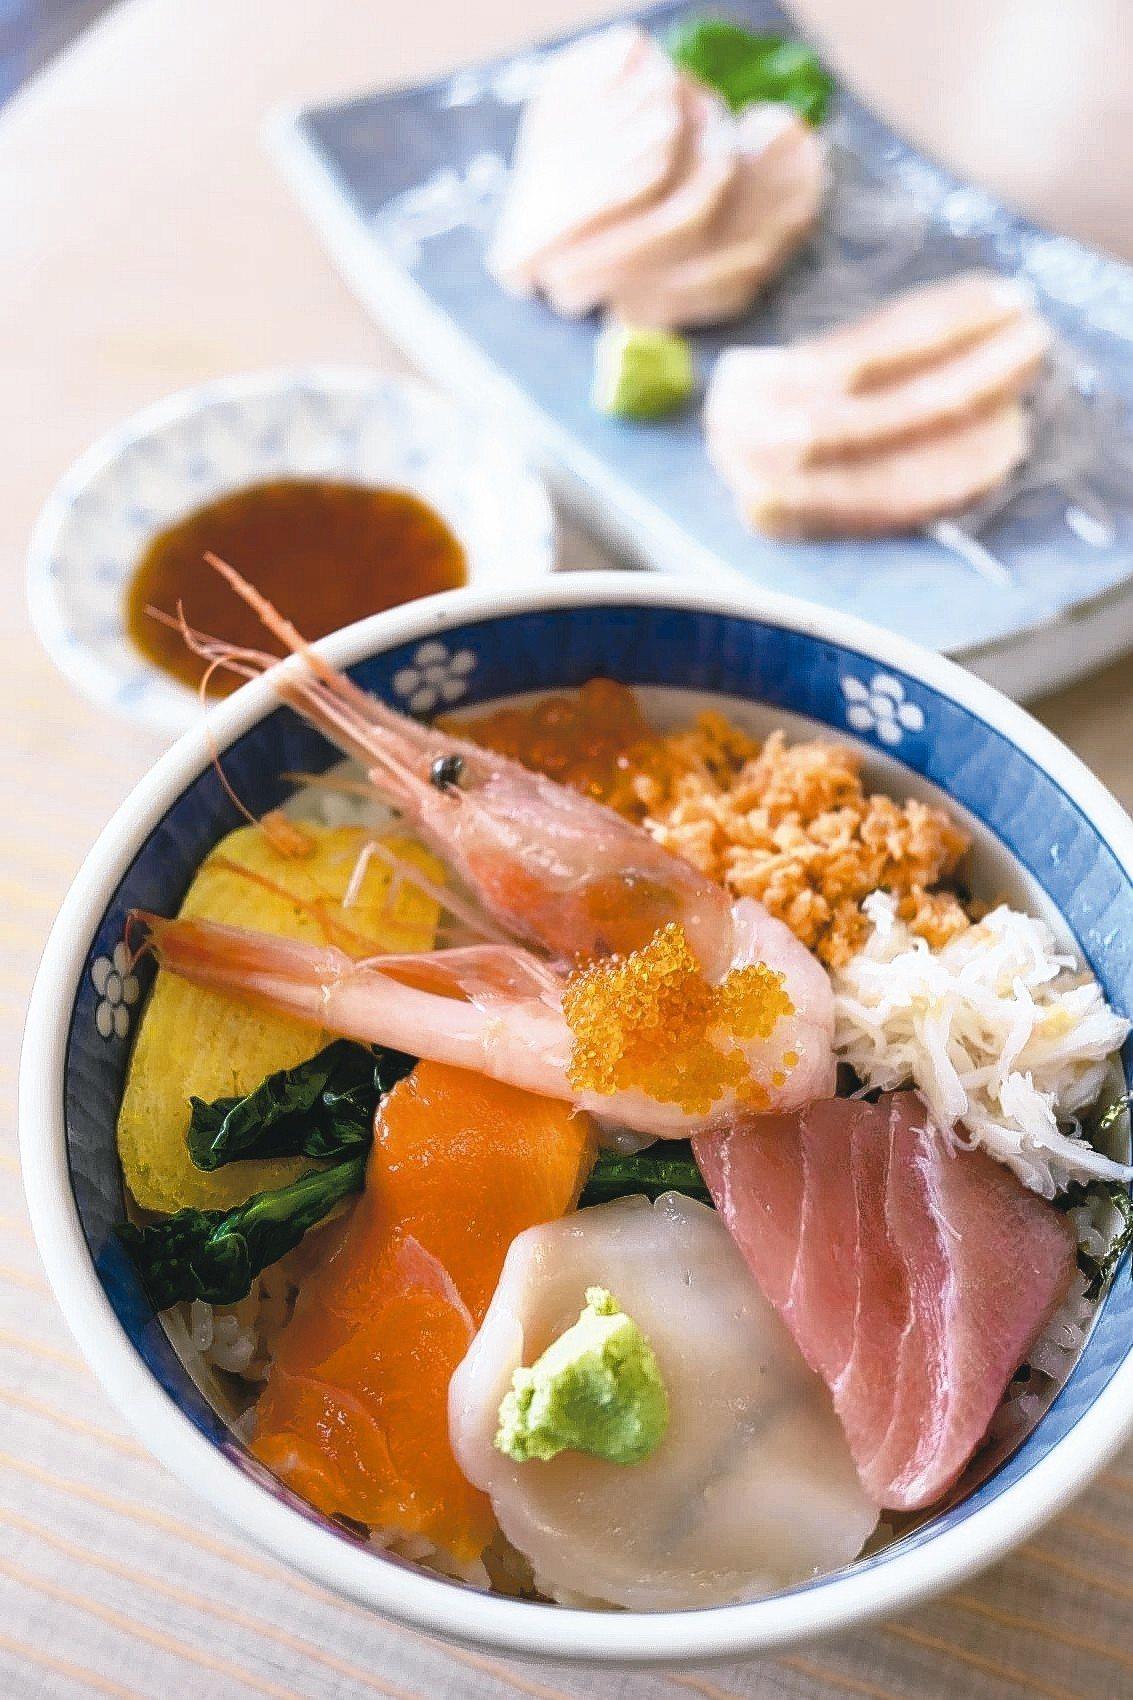 函館朝市的平價海鮮丼。 記者黃仕揚/攝影